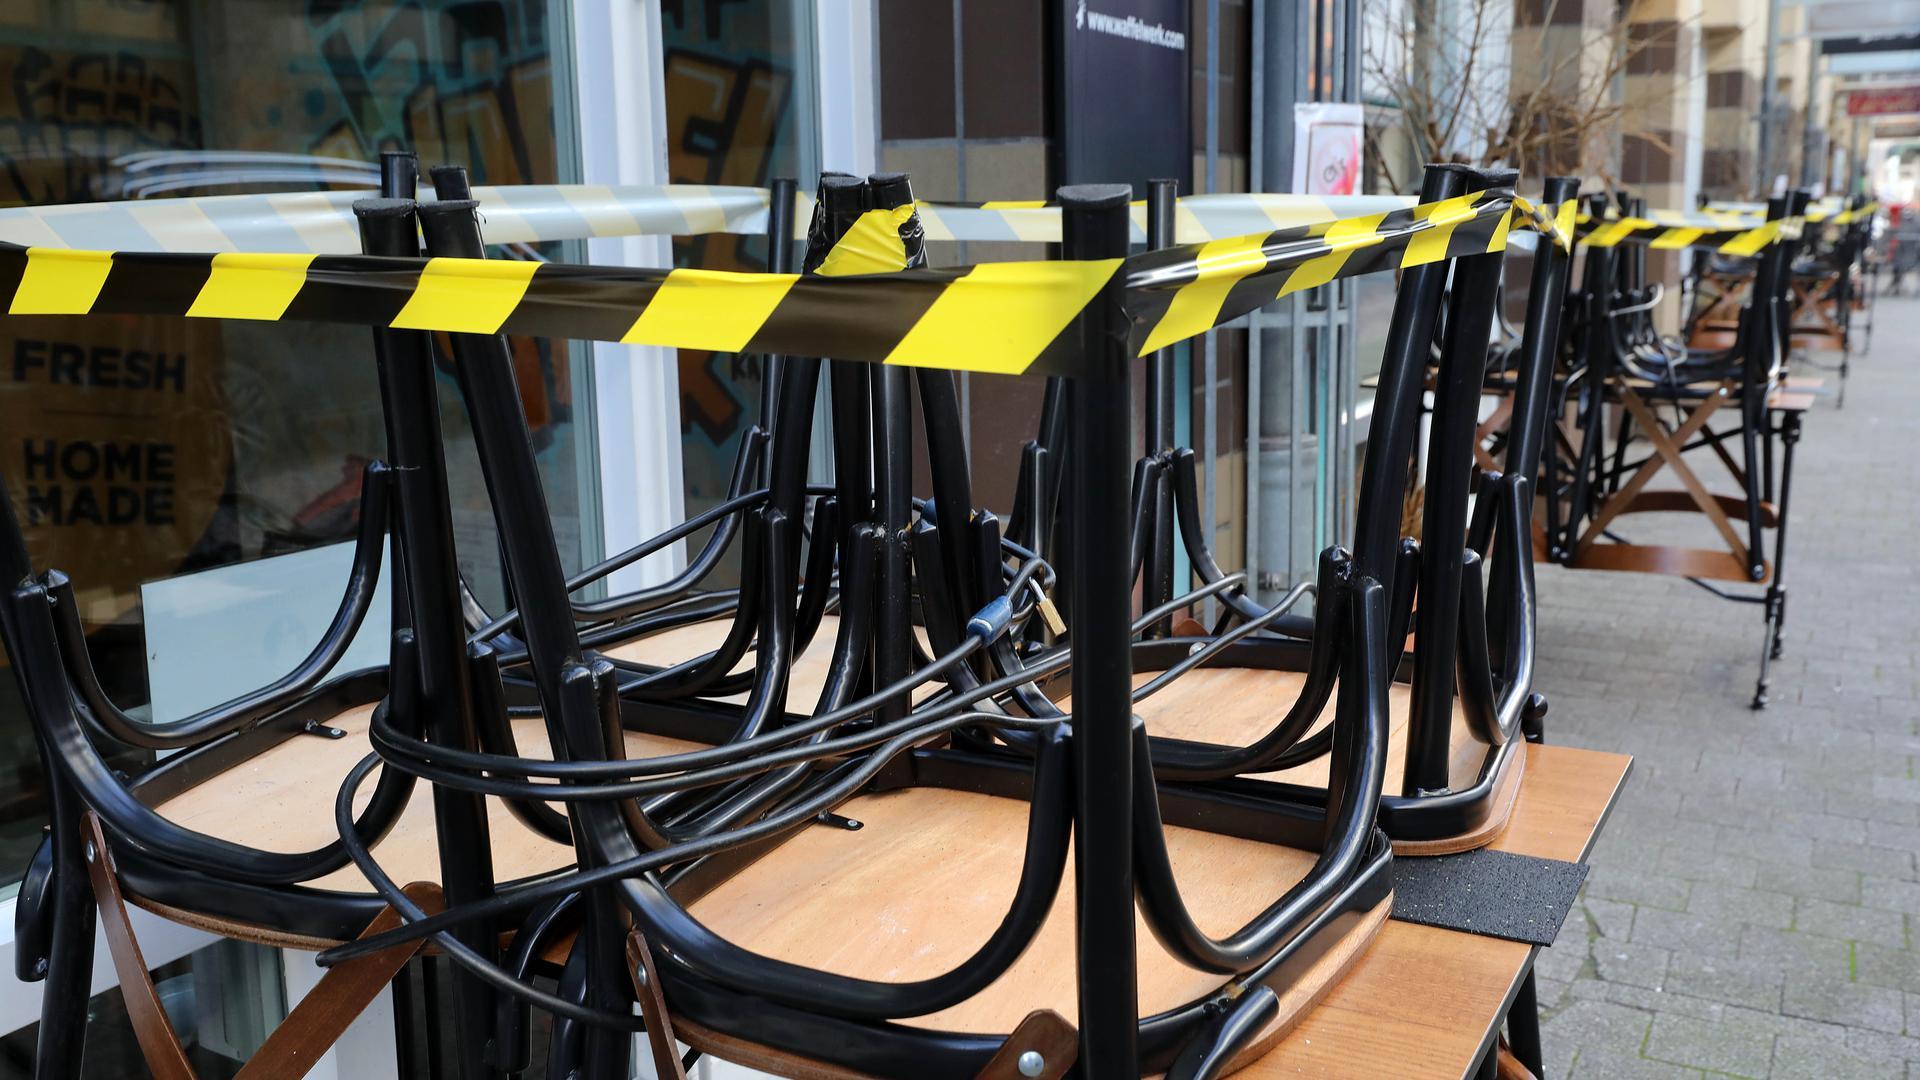 Vor einem Restaurant sind die Stühle auf den Tischen aufgestuhlt und mit Absperrband beklebt.